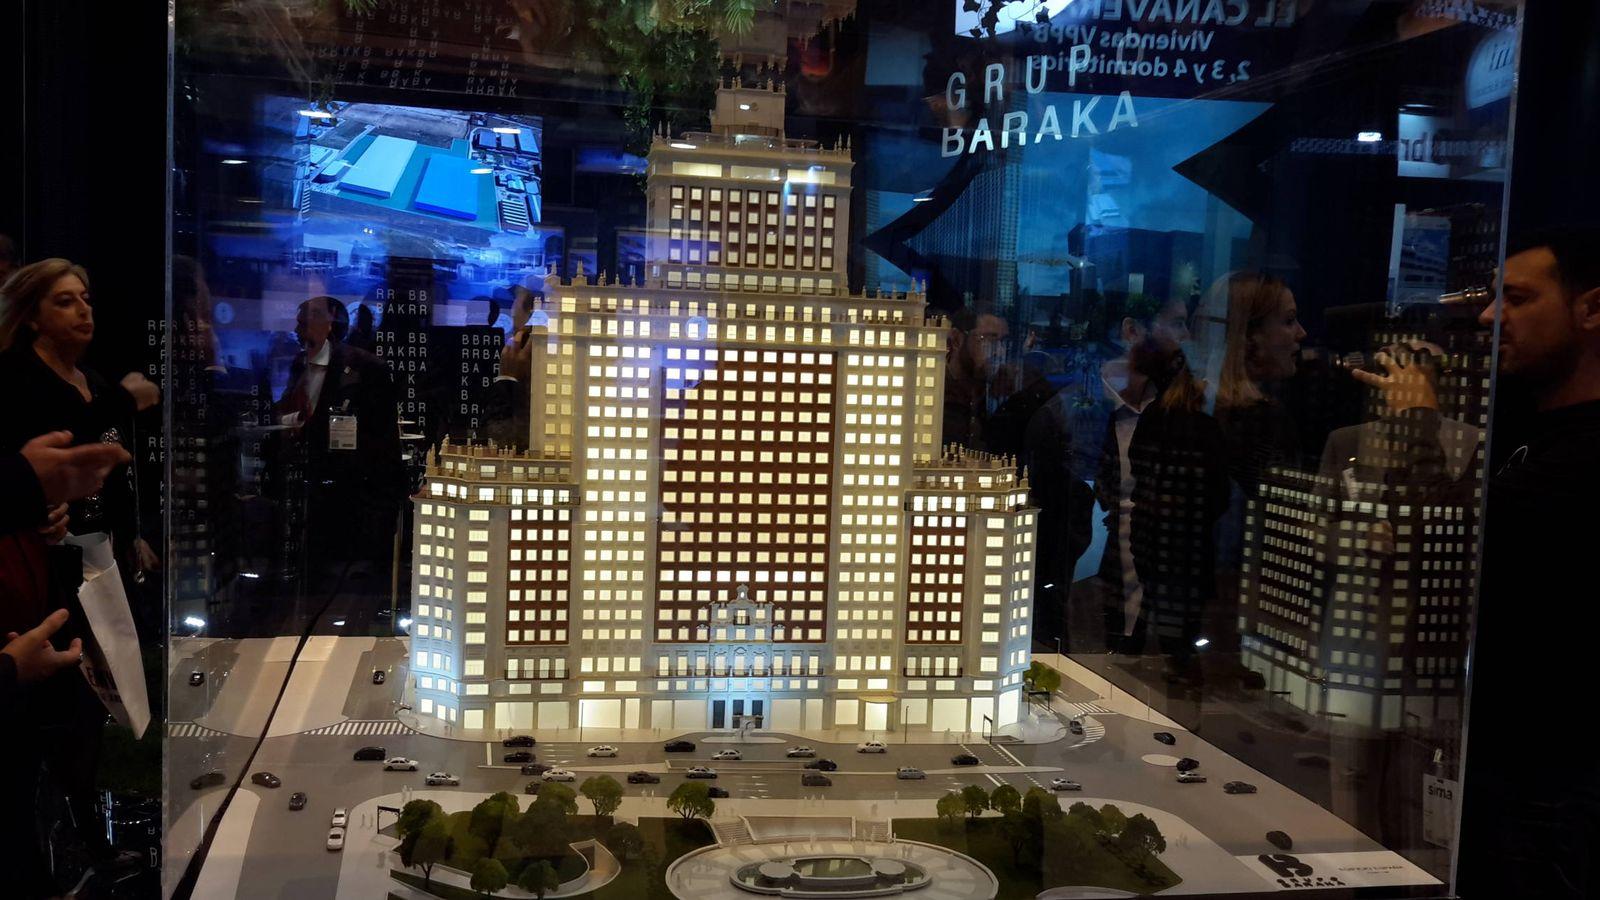 Mercado inmobiliario habla riu queremos convertir el for Edificio de la comunidad de madrid